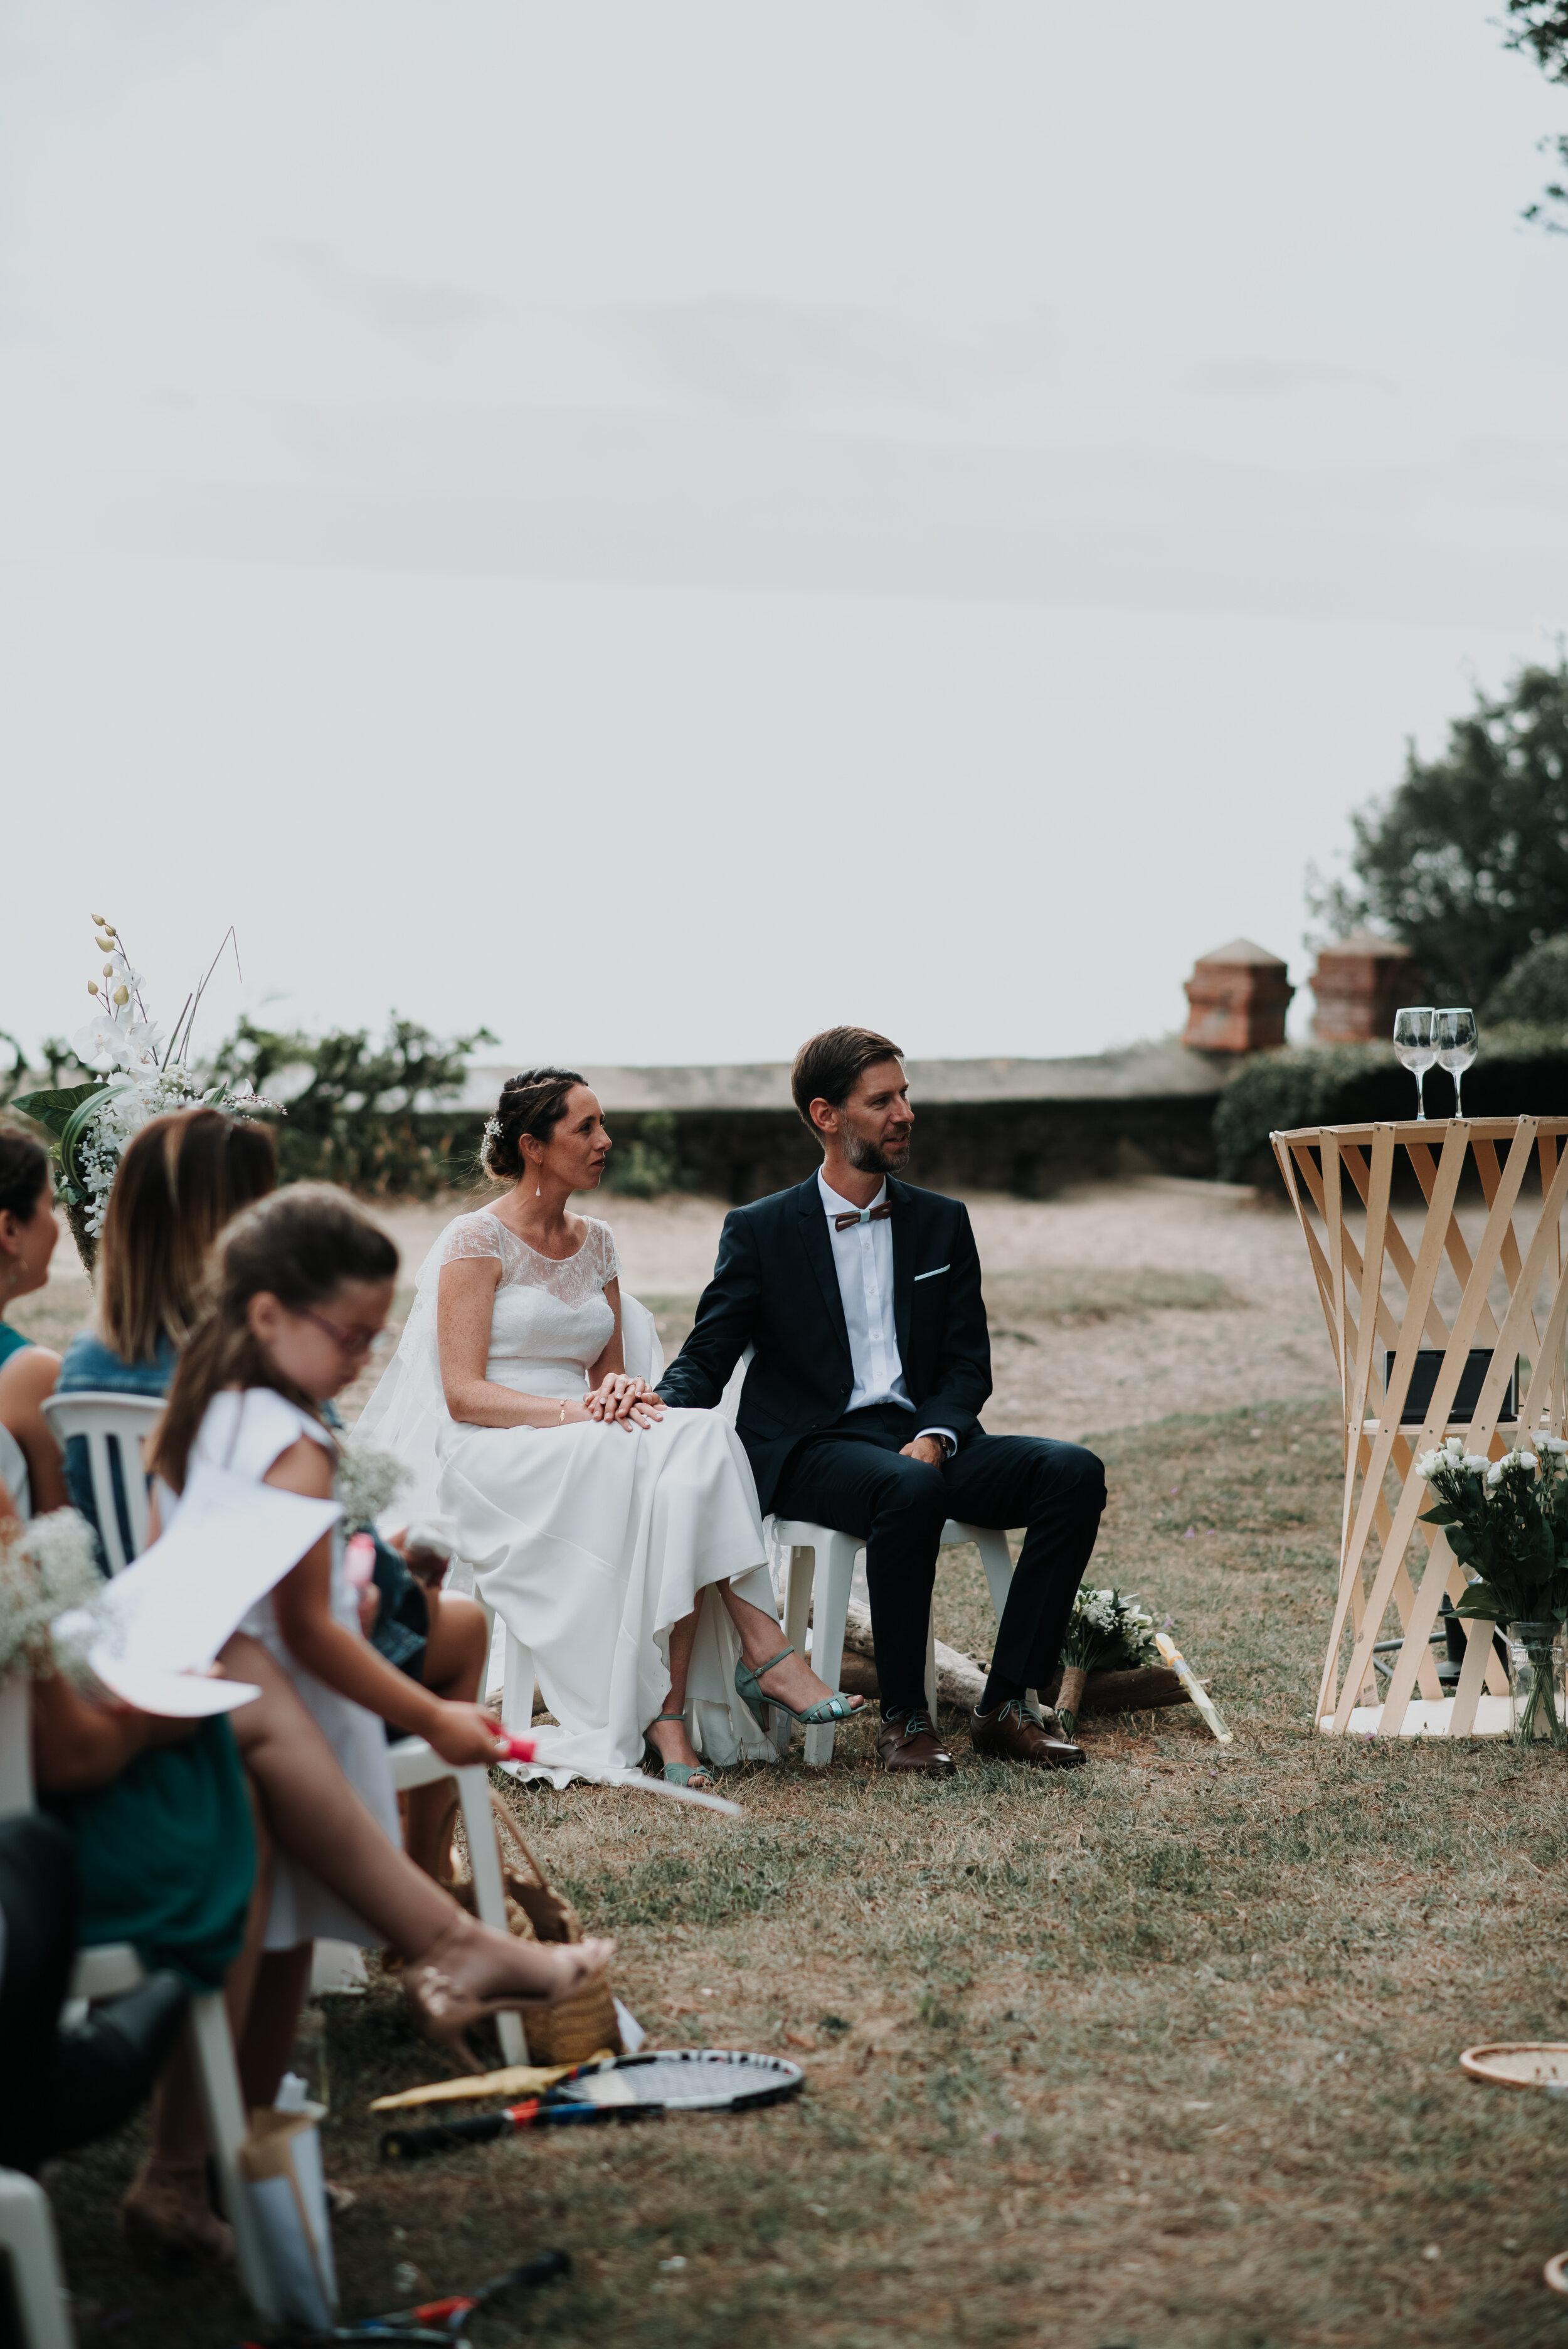 Léa-Fery-photographe-professionnel-Bretagne-portrait-creation-mariage-evenement-evenementiel-famille-1761.jpg